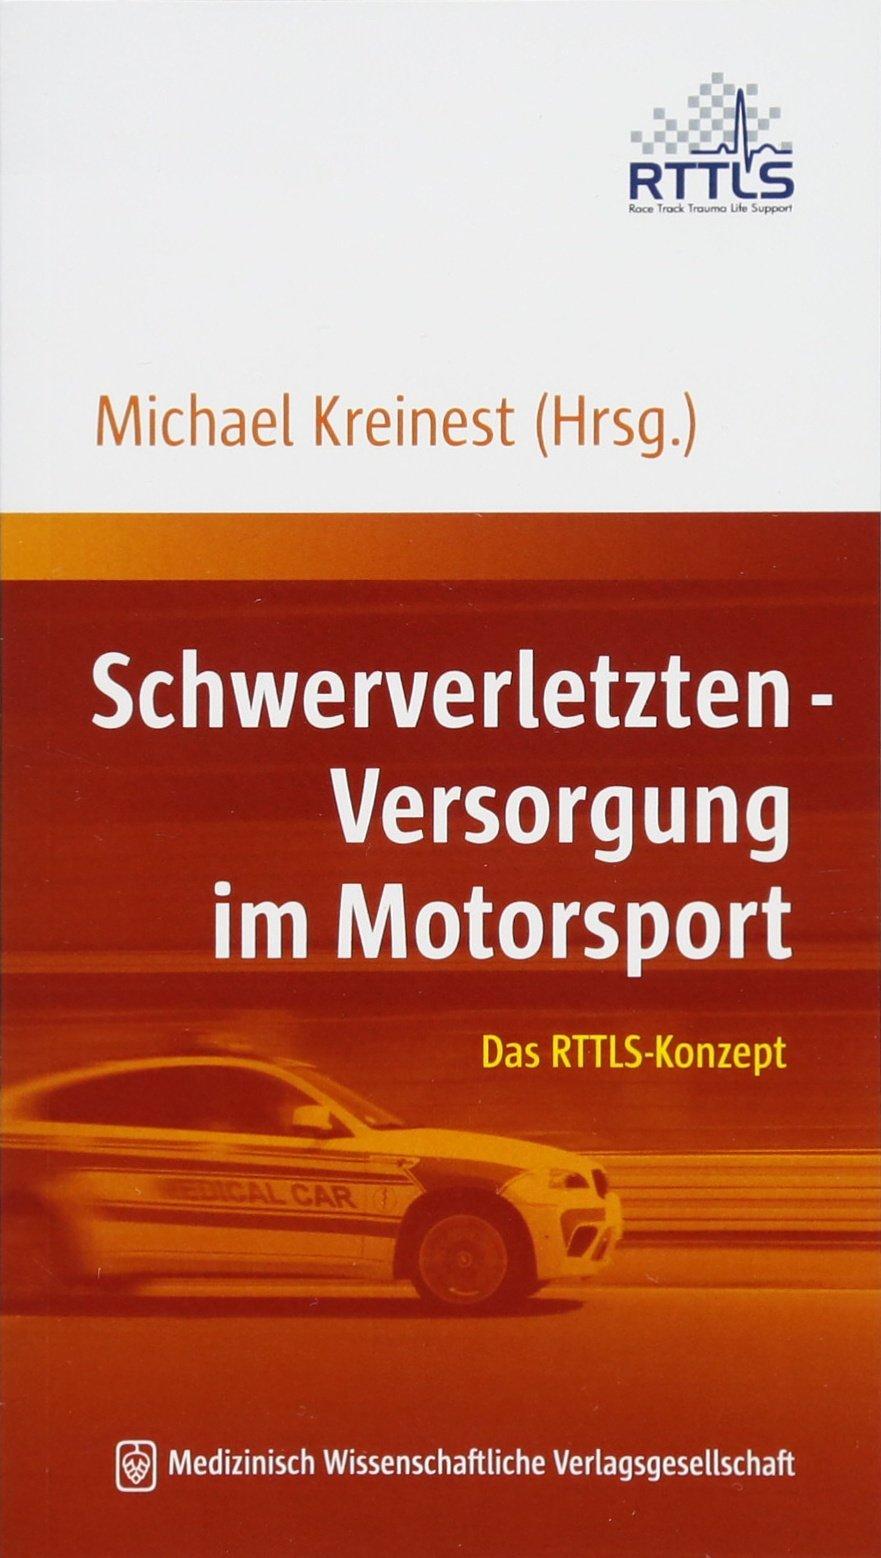 Schwerverletzten-Versorgung im Motorsport: Das RTTLS-Konzept. Mit einem Vorwort von Hans-Joachim Stuck.